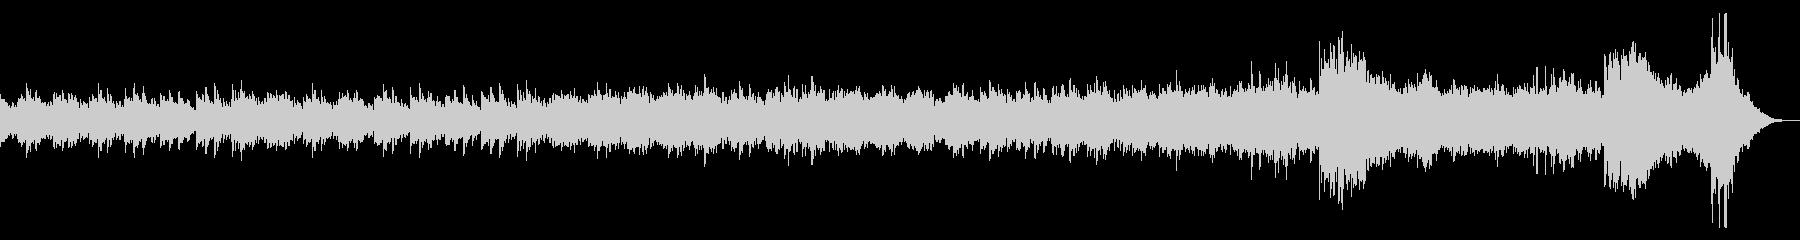 ミステリアスなピアノアルペジオの未再生の波形